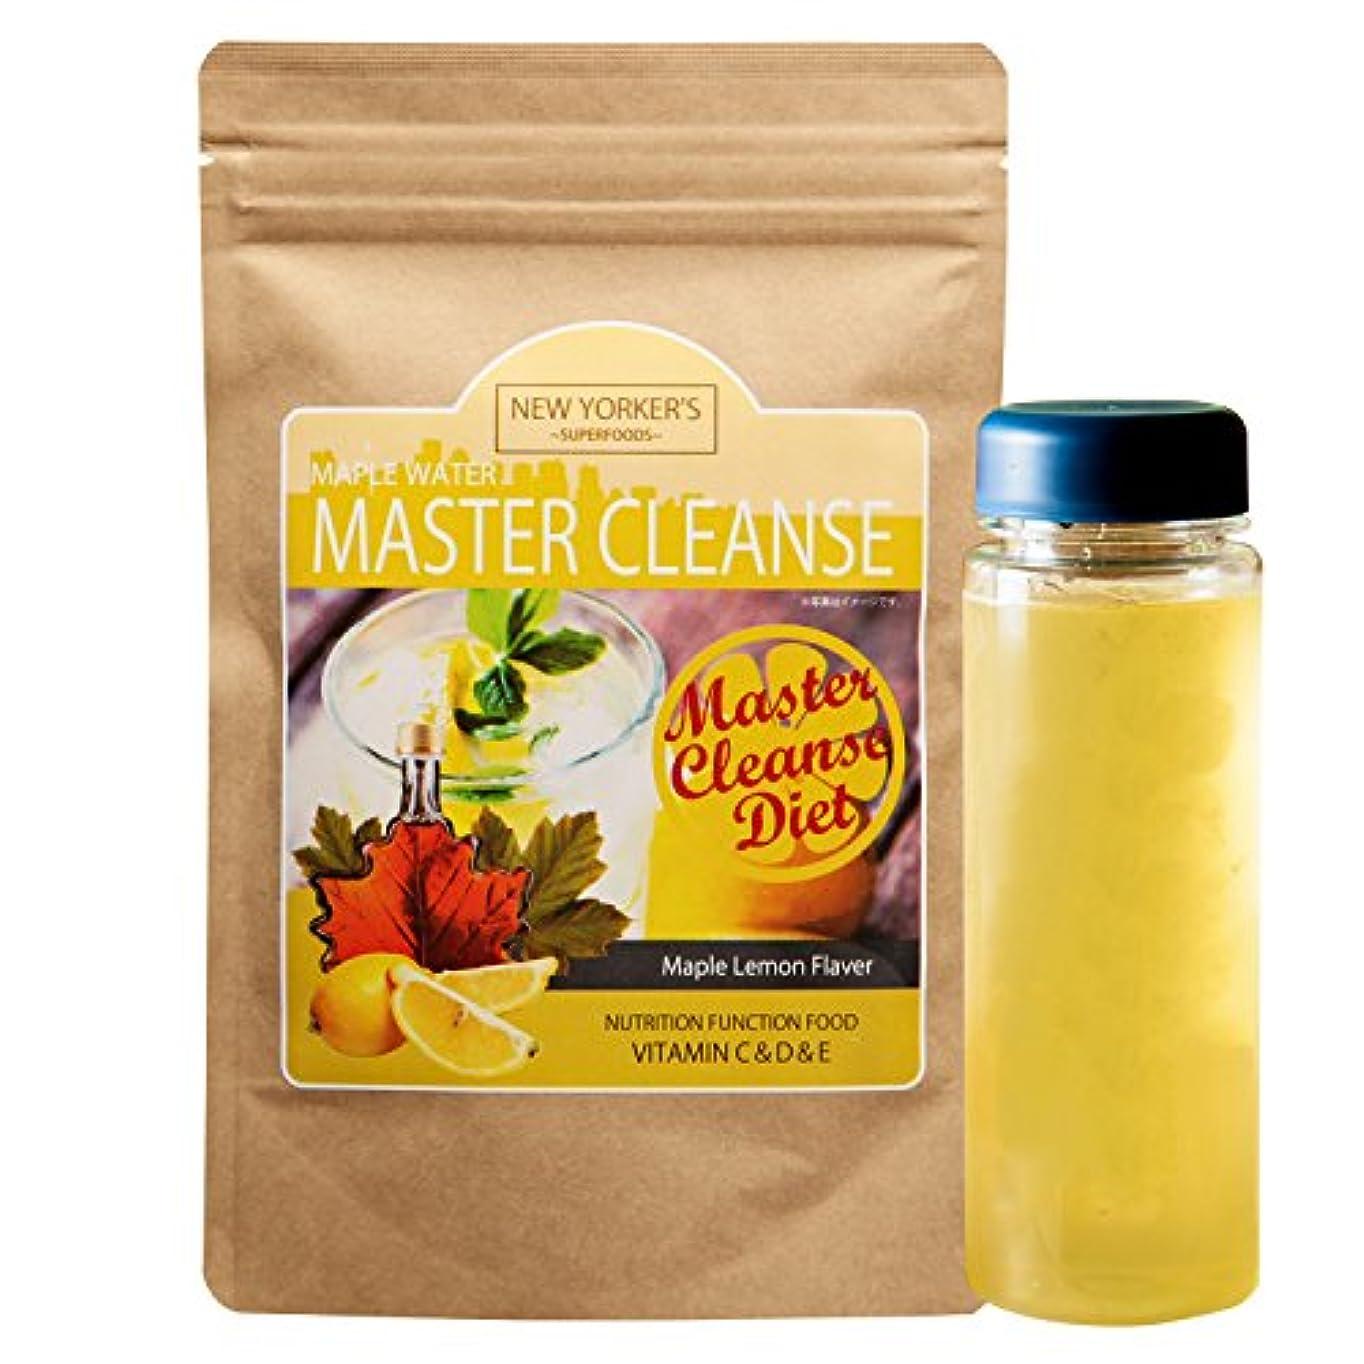 最大のなくなる購入IDEA マスタークレンズダイエット メープルレモン味 ファスティングダイエット 5g×9包